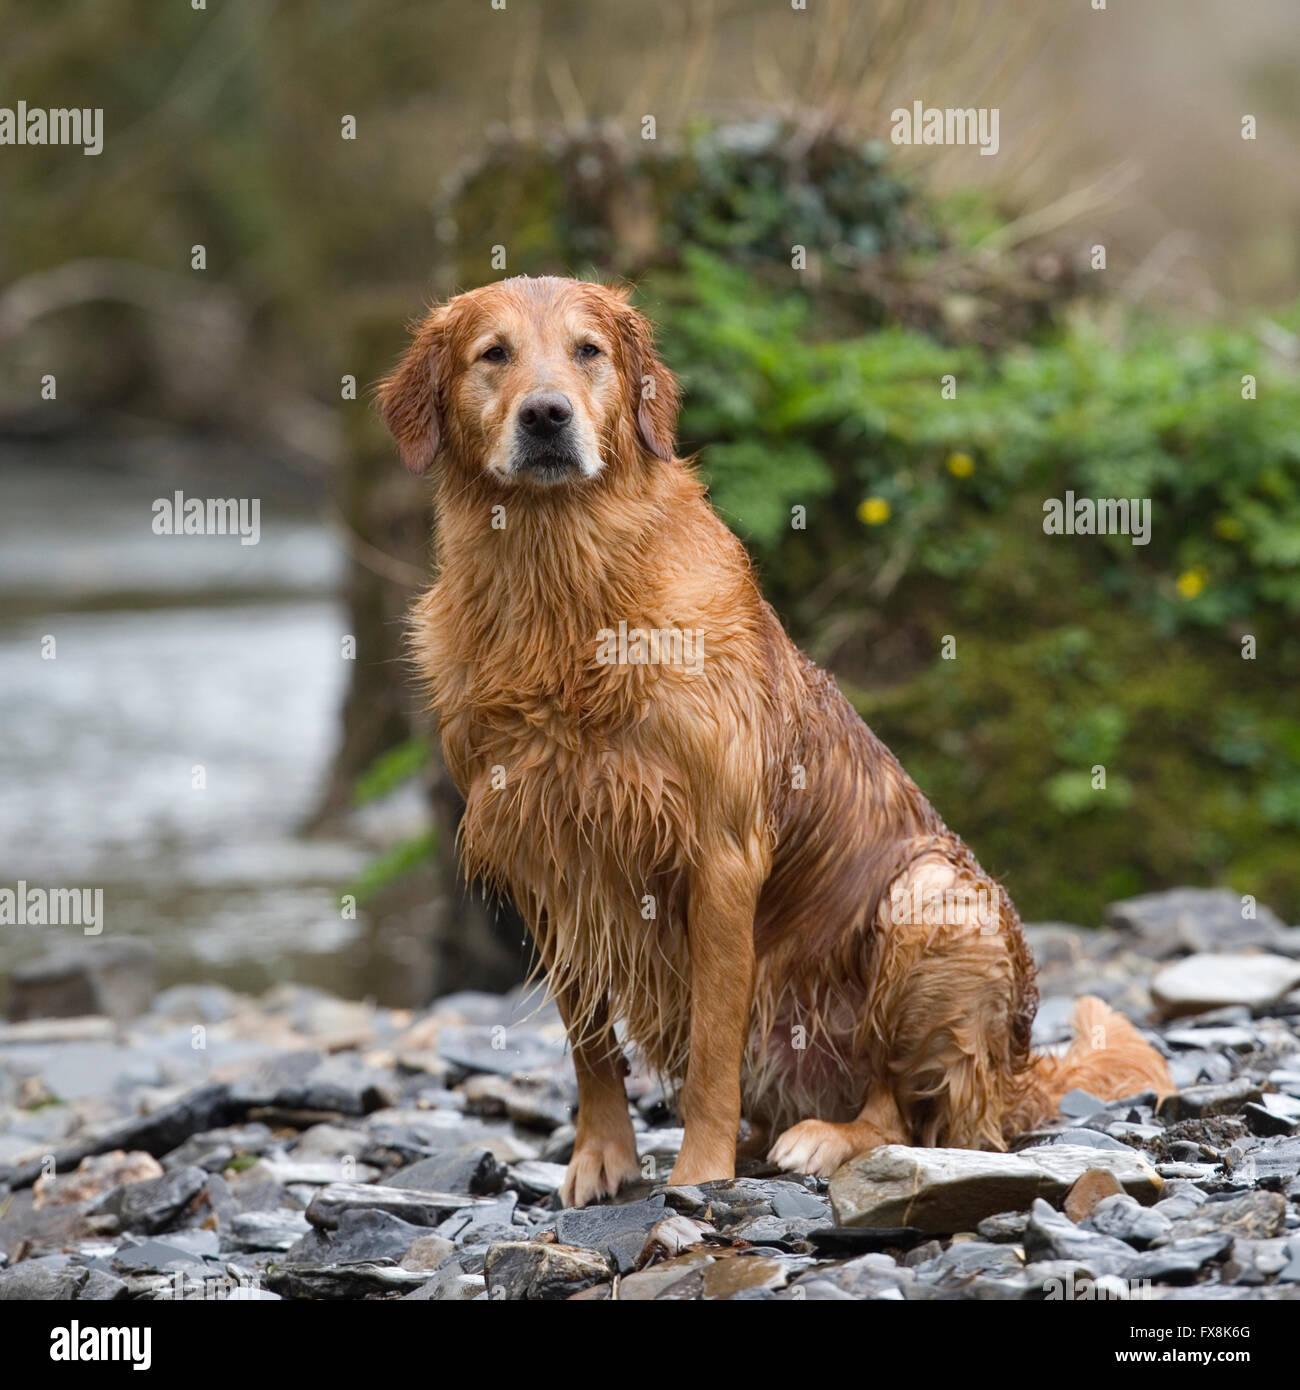 golden retriever in water - Stock Image